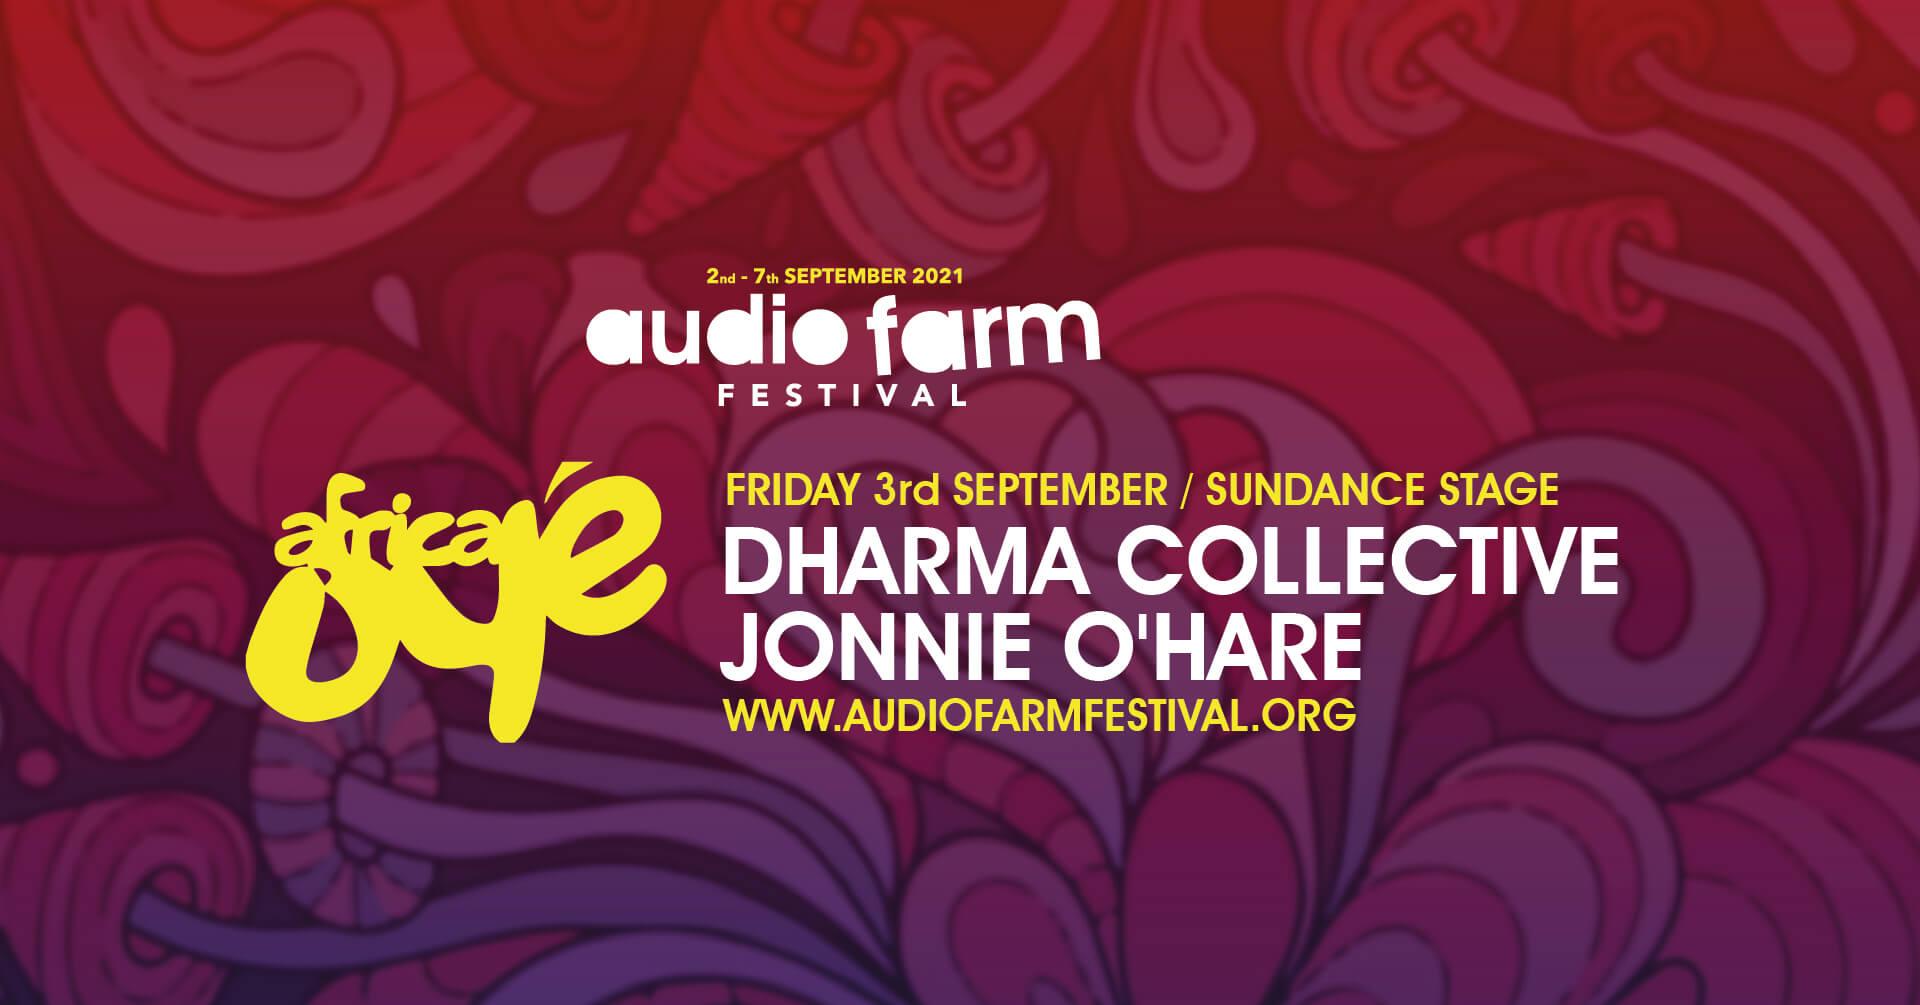 2nd - 7th September 2021. Audio Farm Festival. Africa Oye DJs. Dharma Collective. Jonnie O'Haire. www.AudioFarmFestival.org